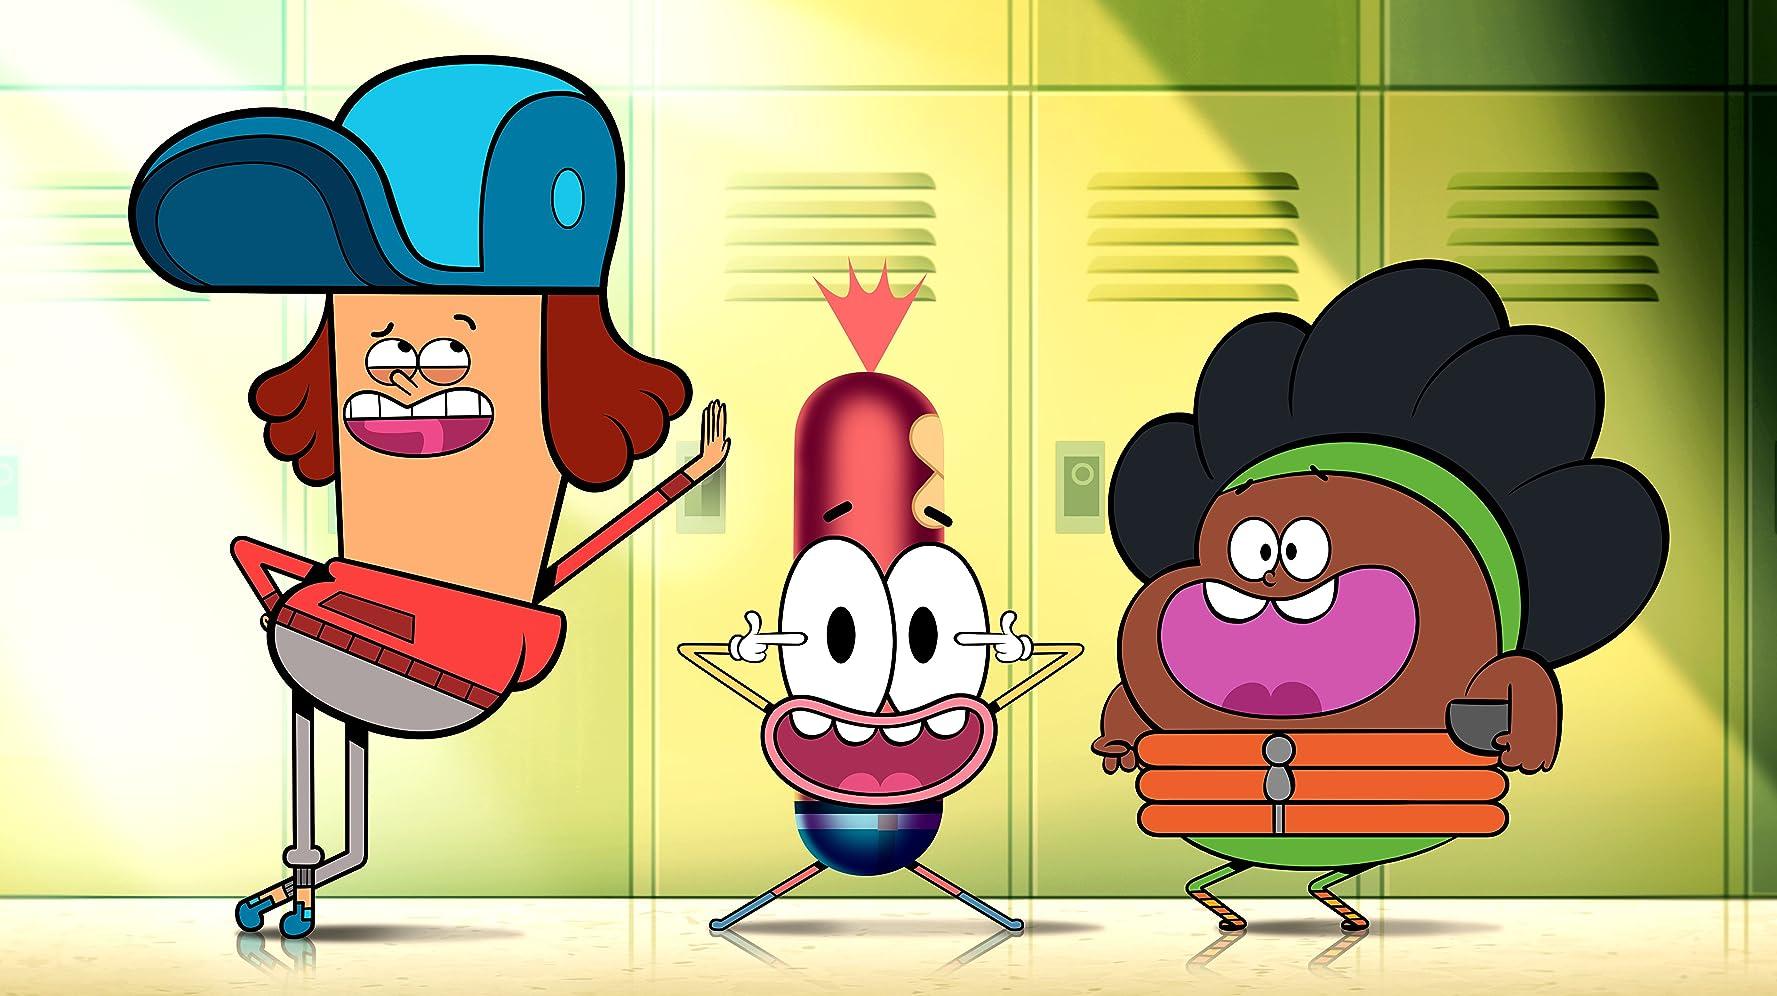 De Pinky Malinky trailer laat de eerste samenwering zien tussen Nickelodeon en Netflix